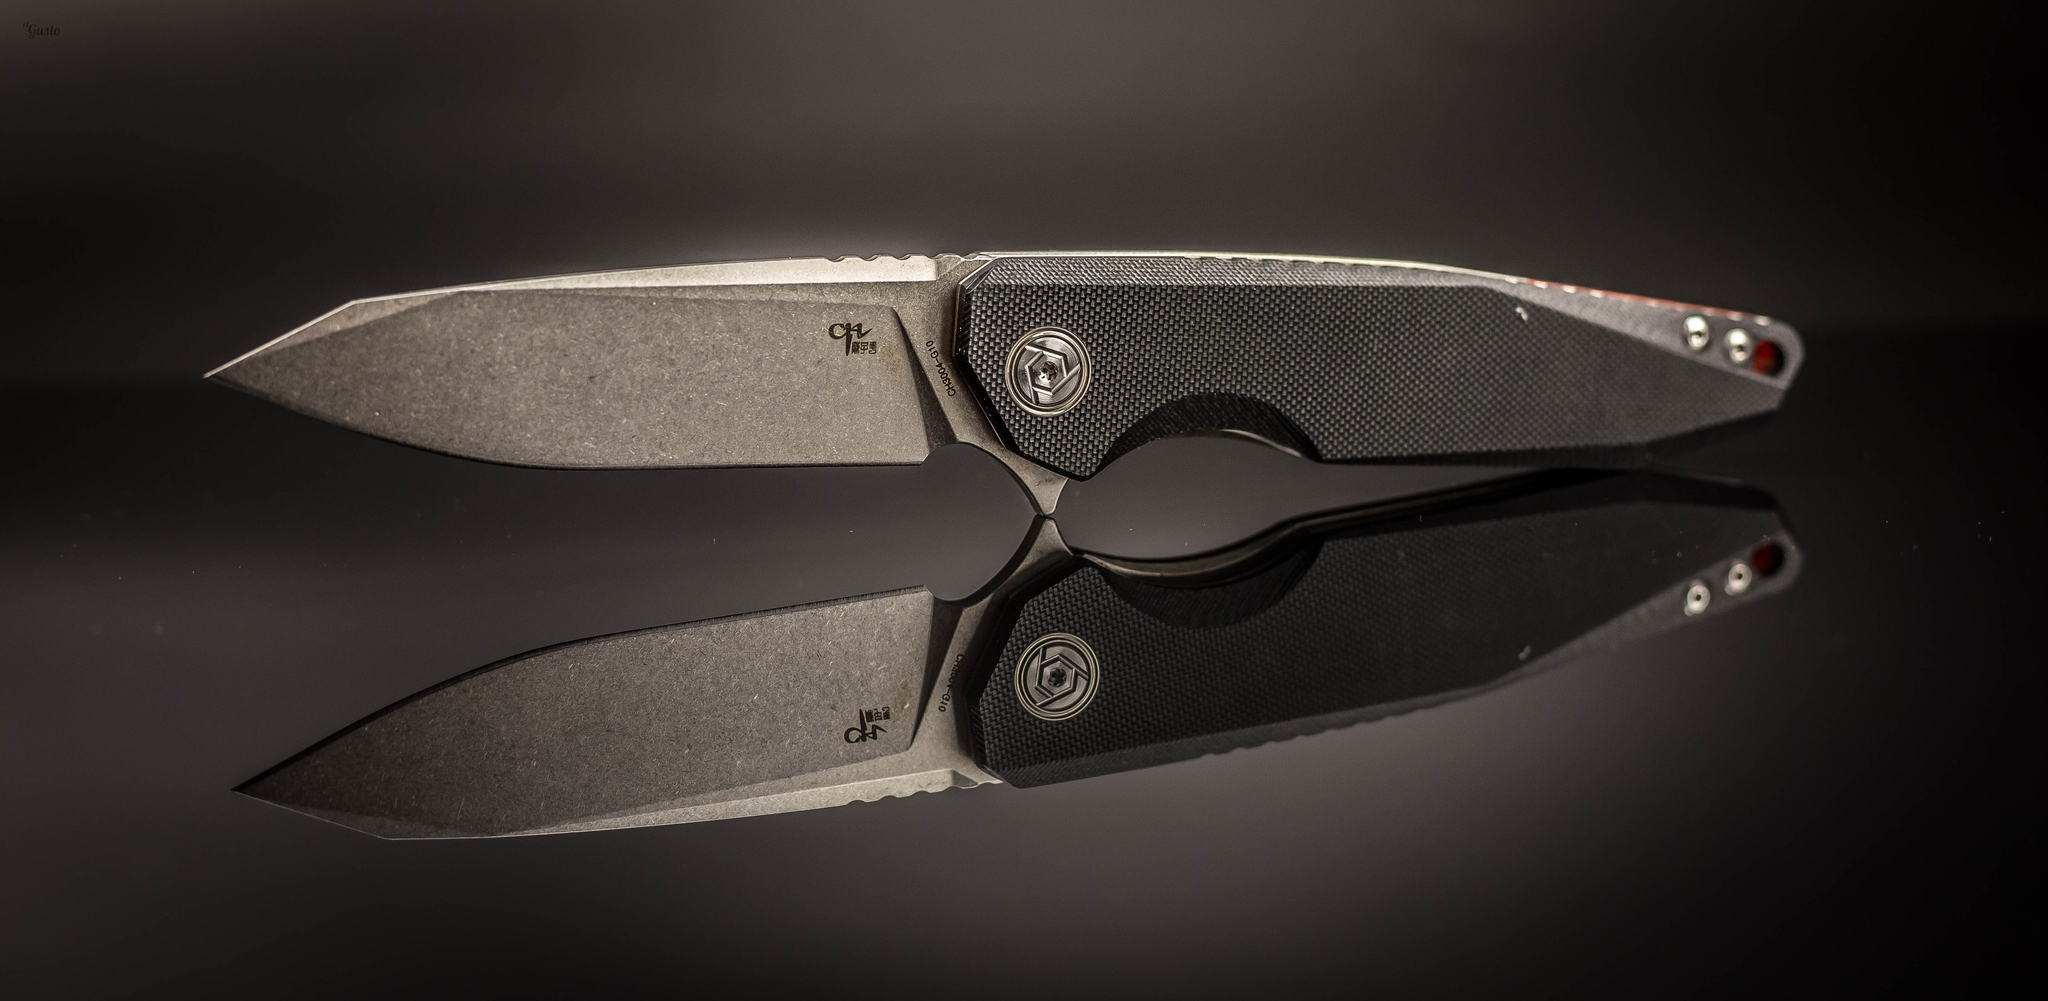 Складной нож CH3004 сталь D2, черный от ch outdoor knife